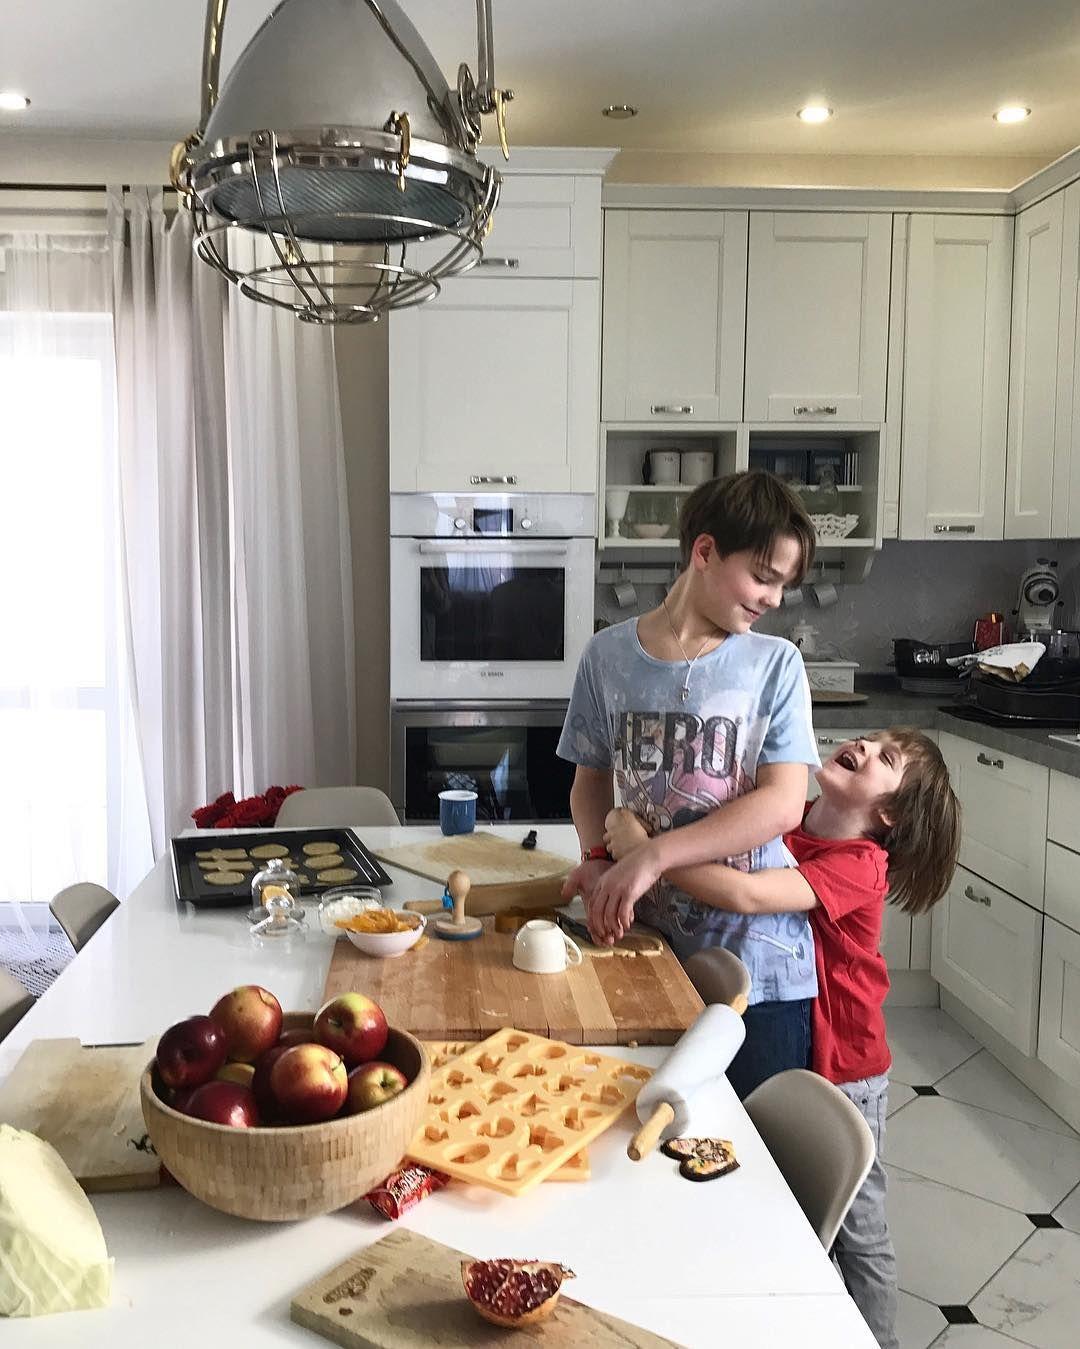 последние деньки уходящего года) их такое счастье провести в домашней суете, а не в пробках(( мы сегодня репетируем новогодний ужин) 🙃 #tati_home #Leo #моймилыйБо